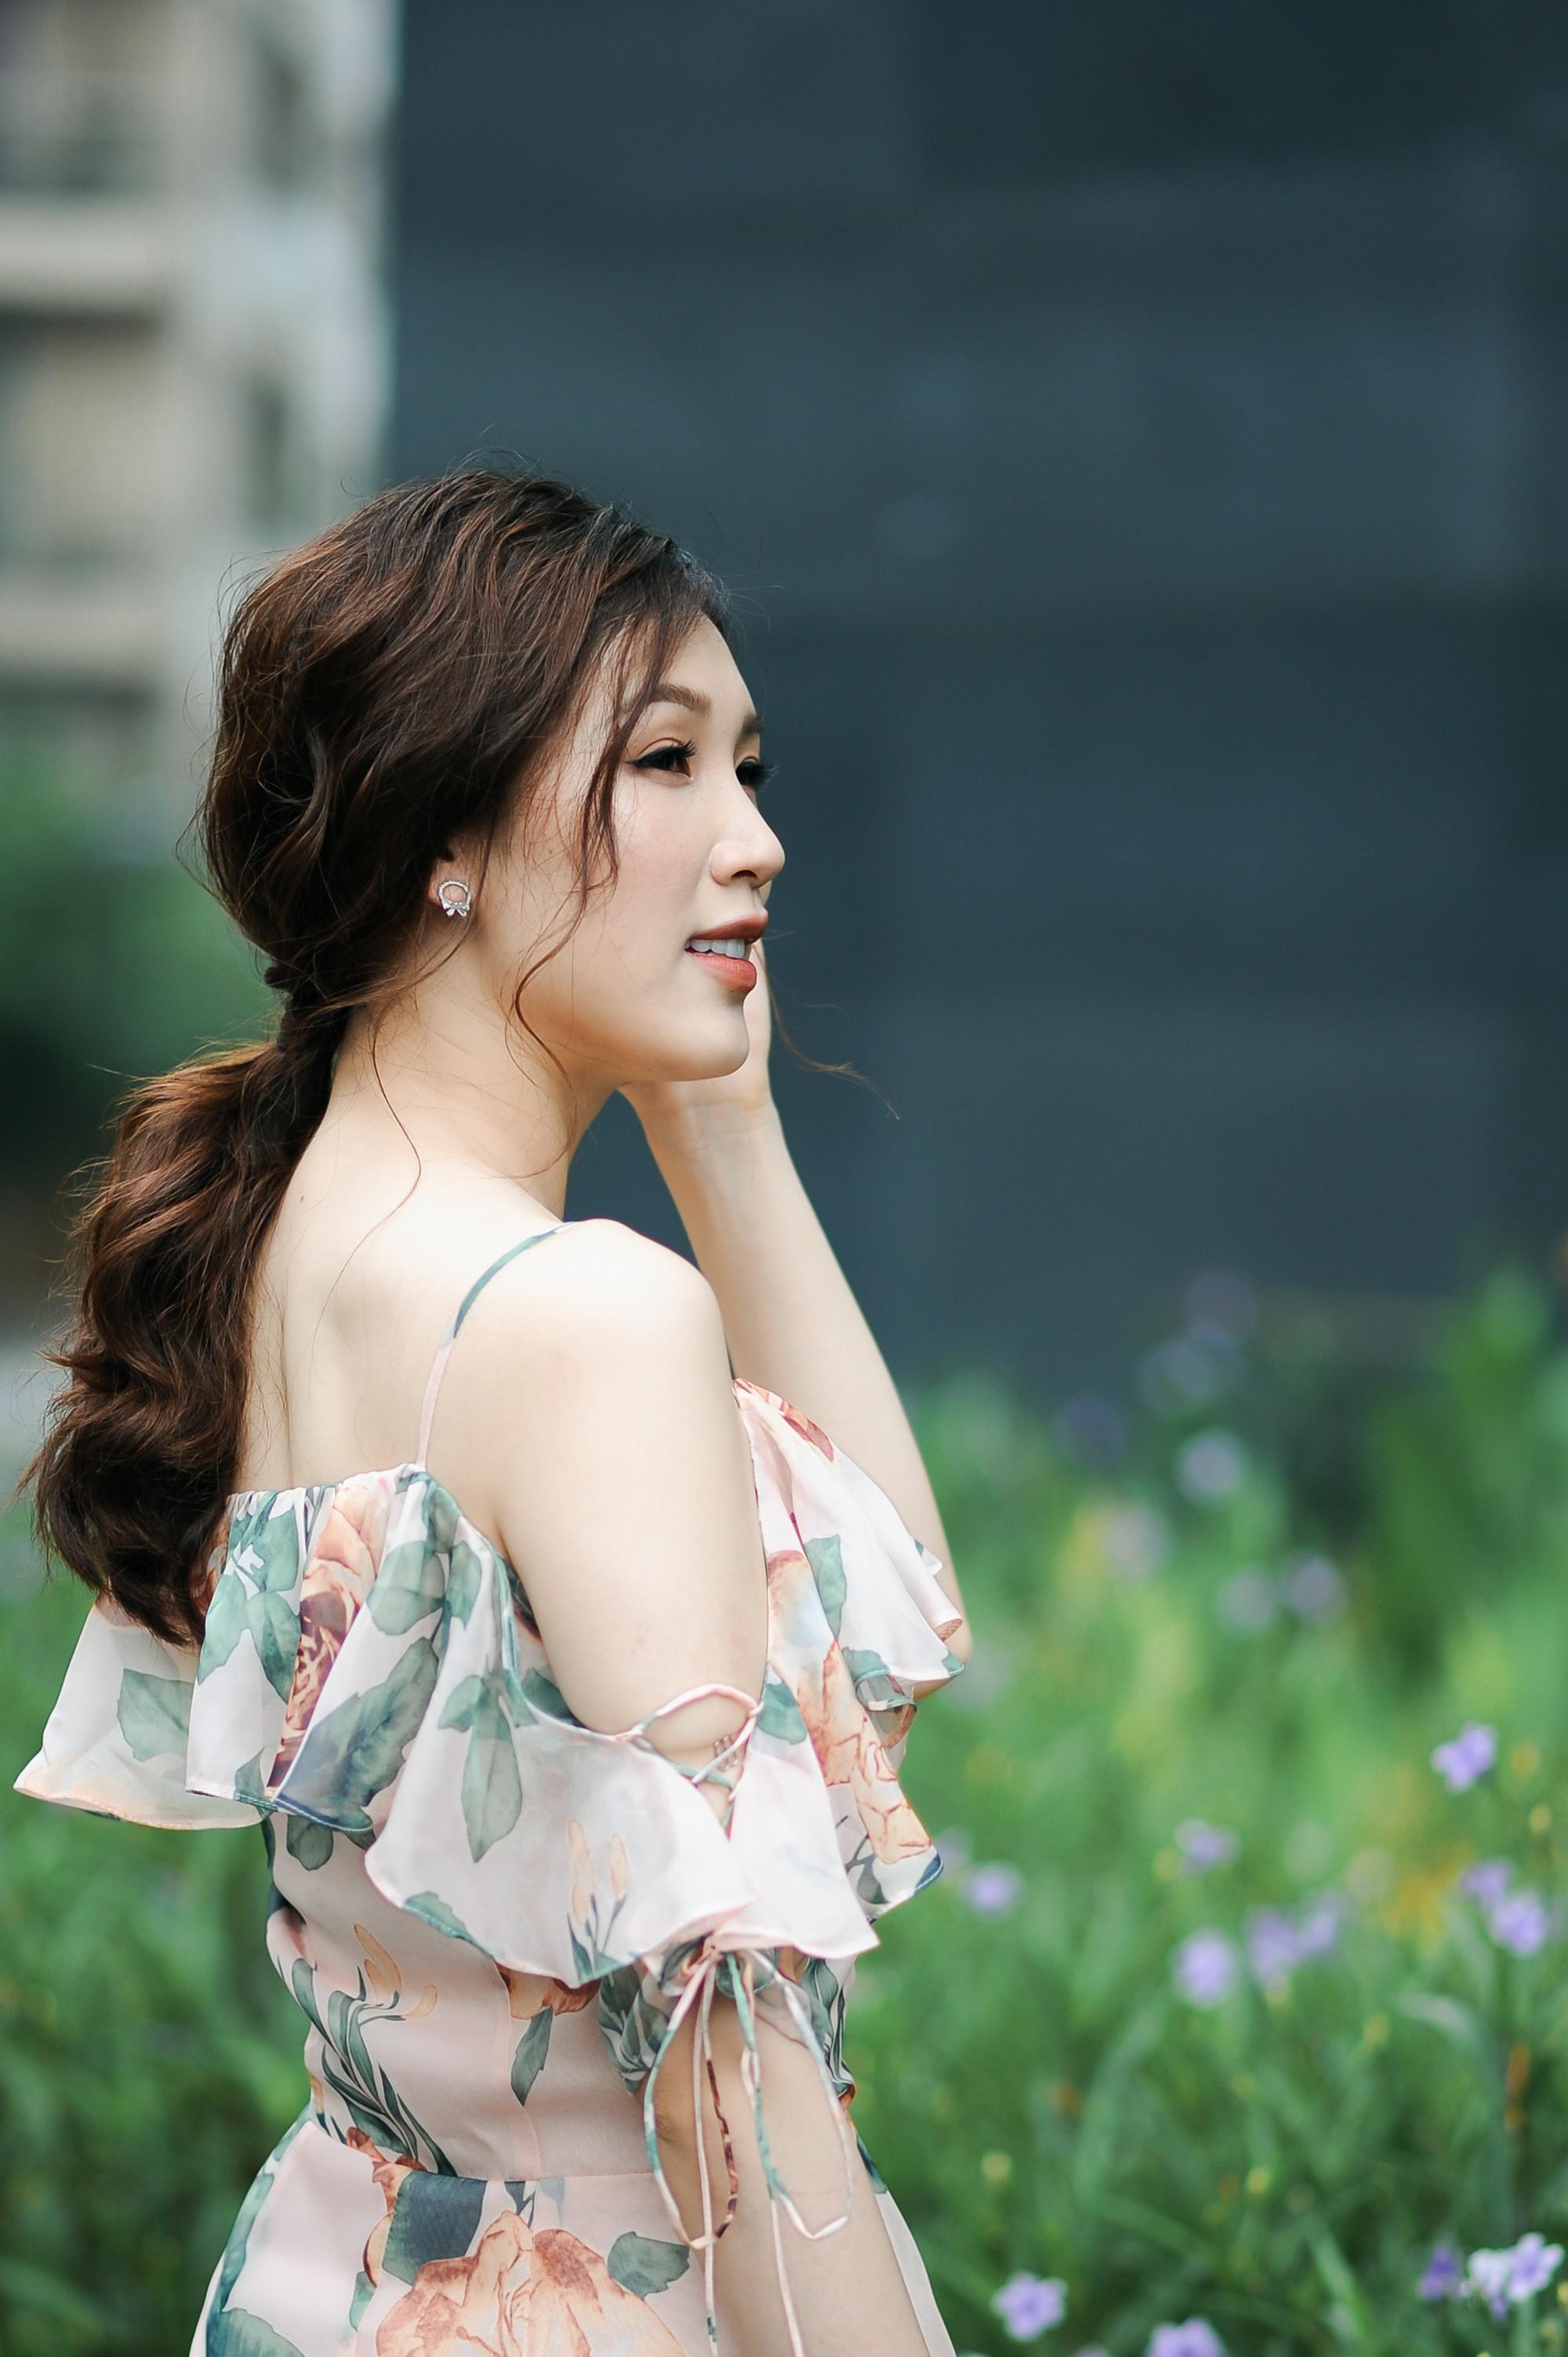 Dọa bị sảy thai, từng bị băng huyết, Hoa hậu Phí Thùy Linh vẫn ước ao sinh thêm con - Ảnh 1.